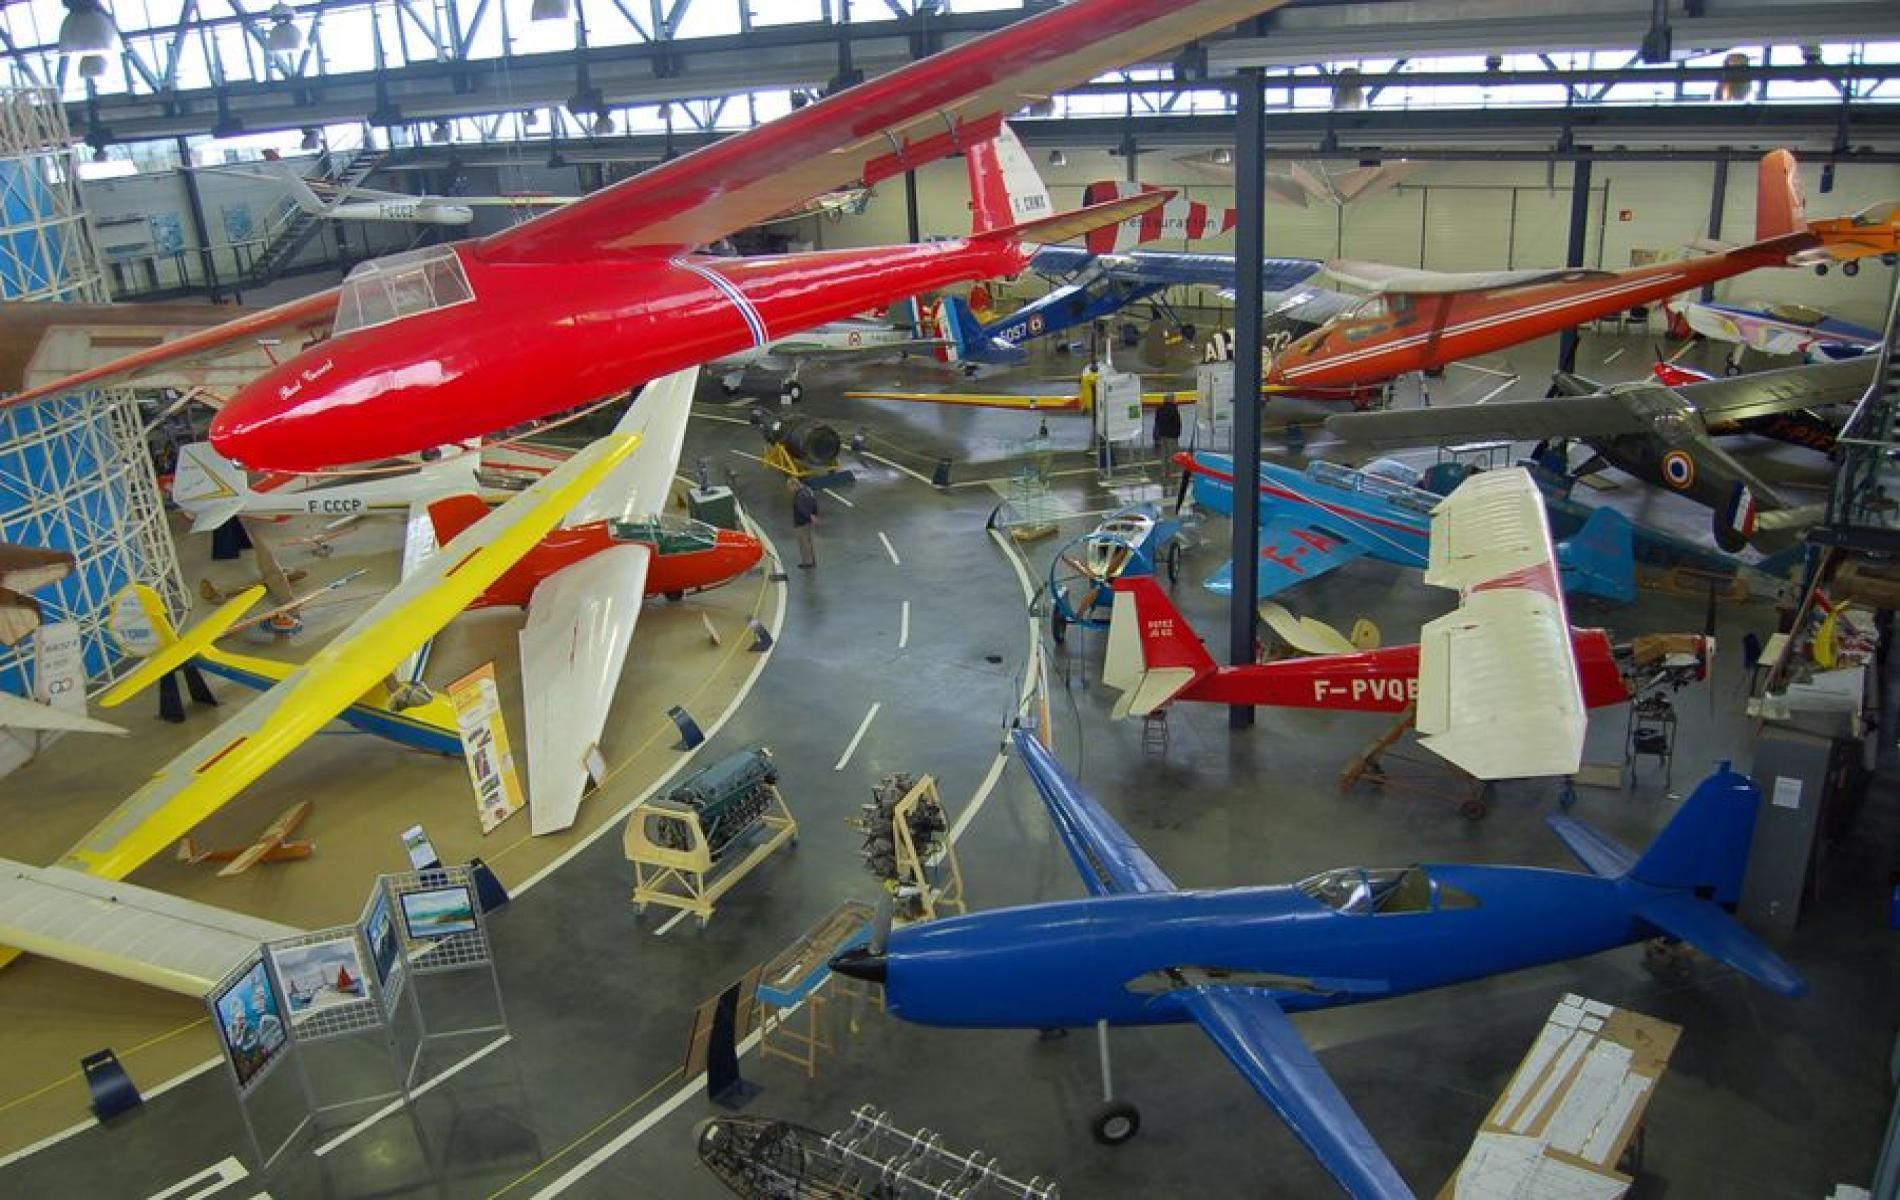 Musée Régional de l'Air